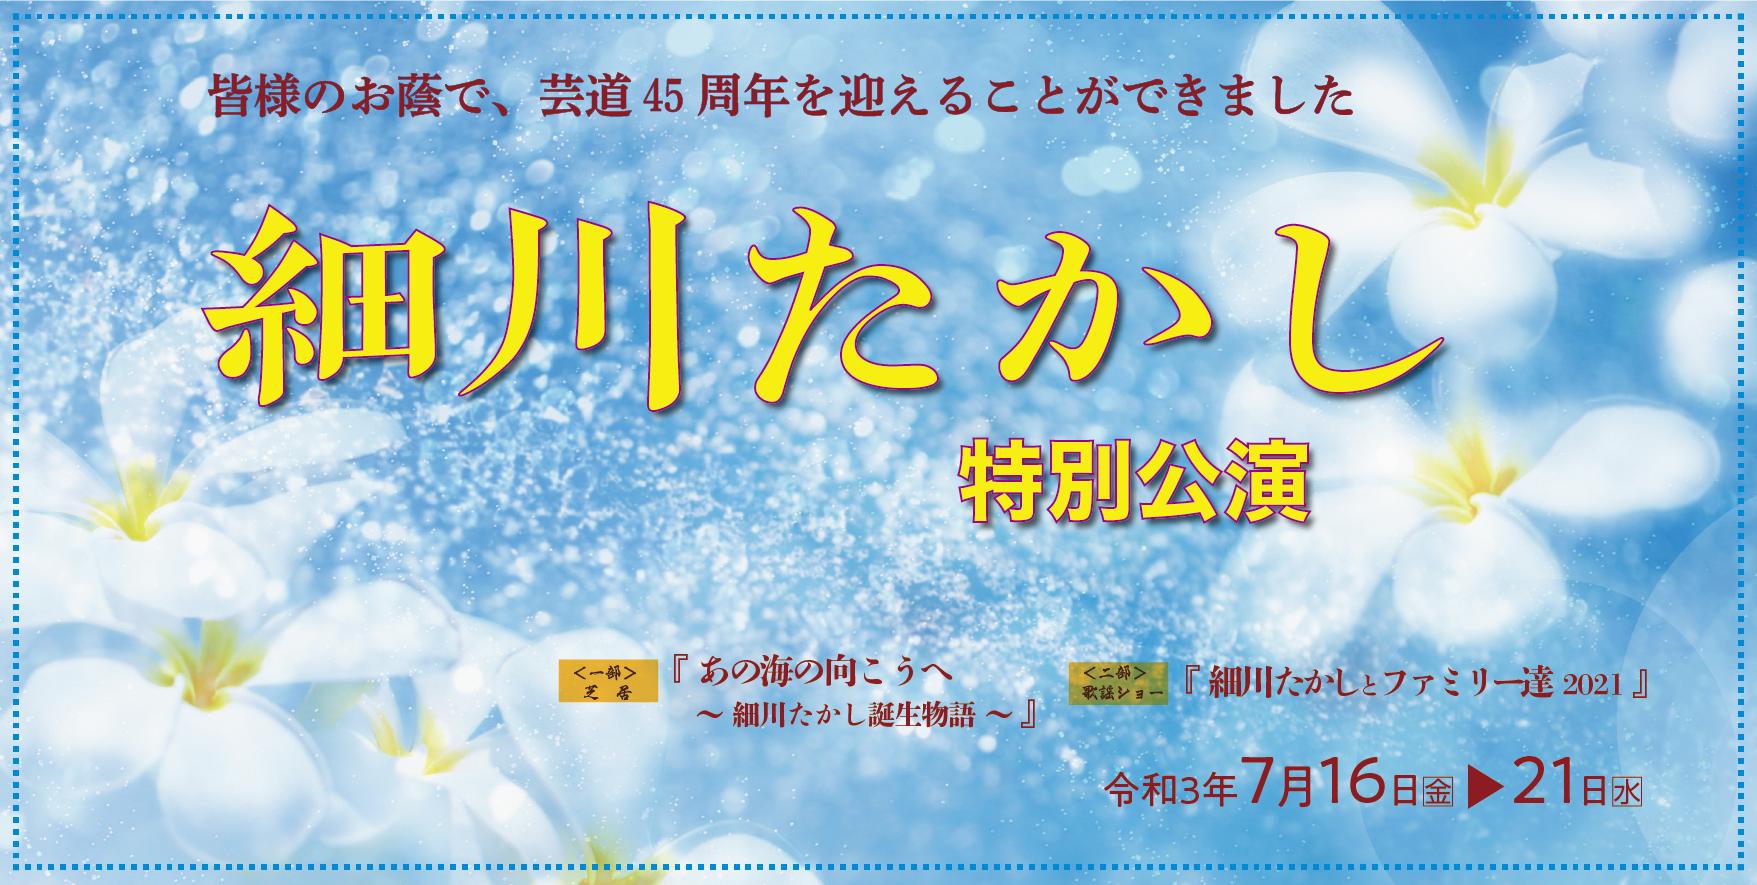 細川たかし特別公演